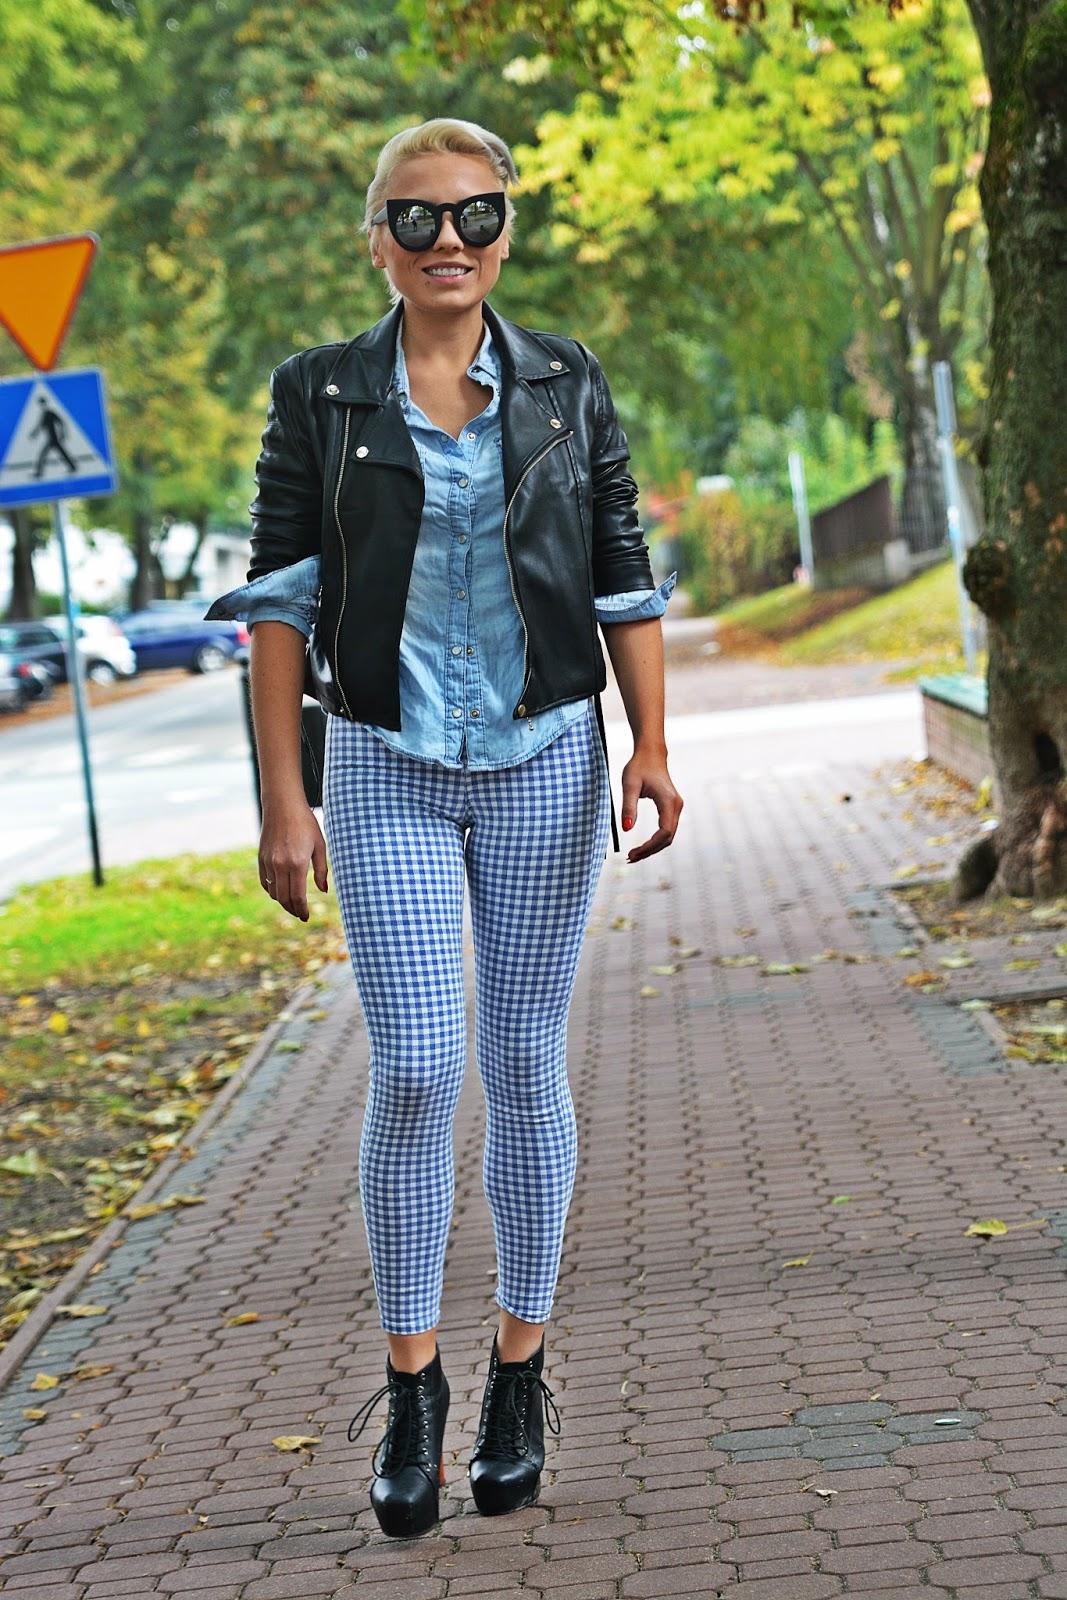 niebieskie_spodnie_ramoneska_czarna_kocie_okulary_14